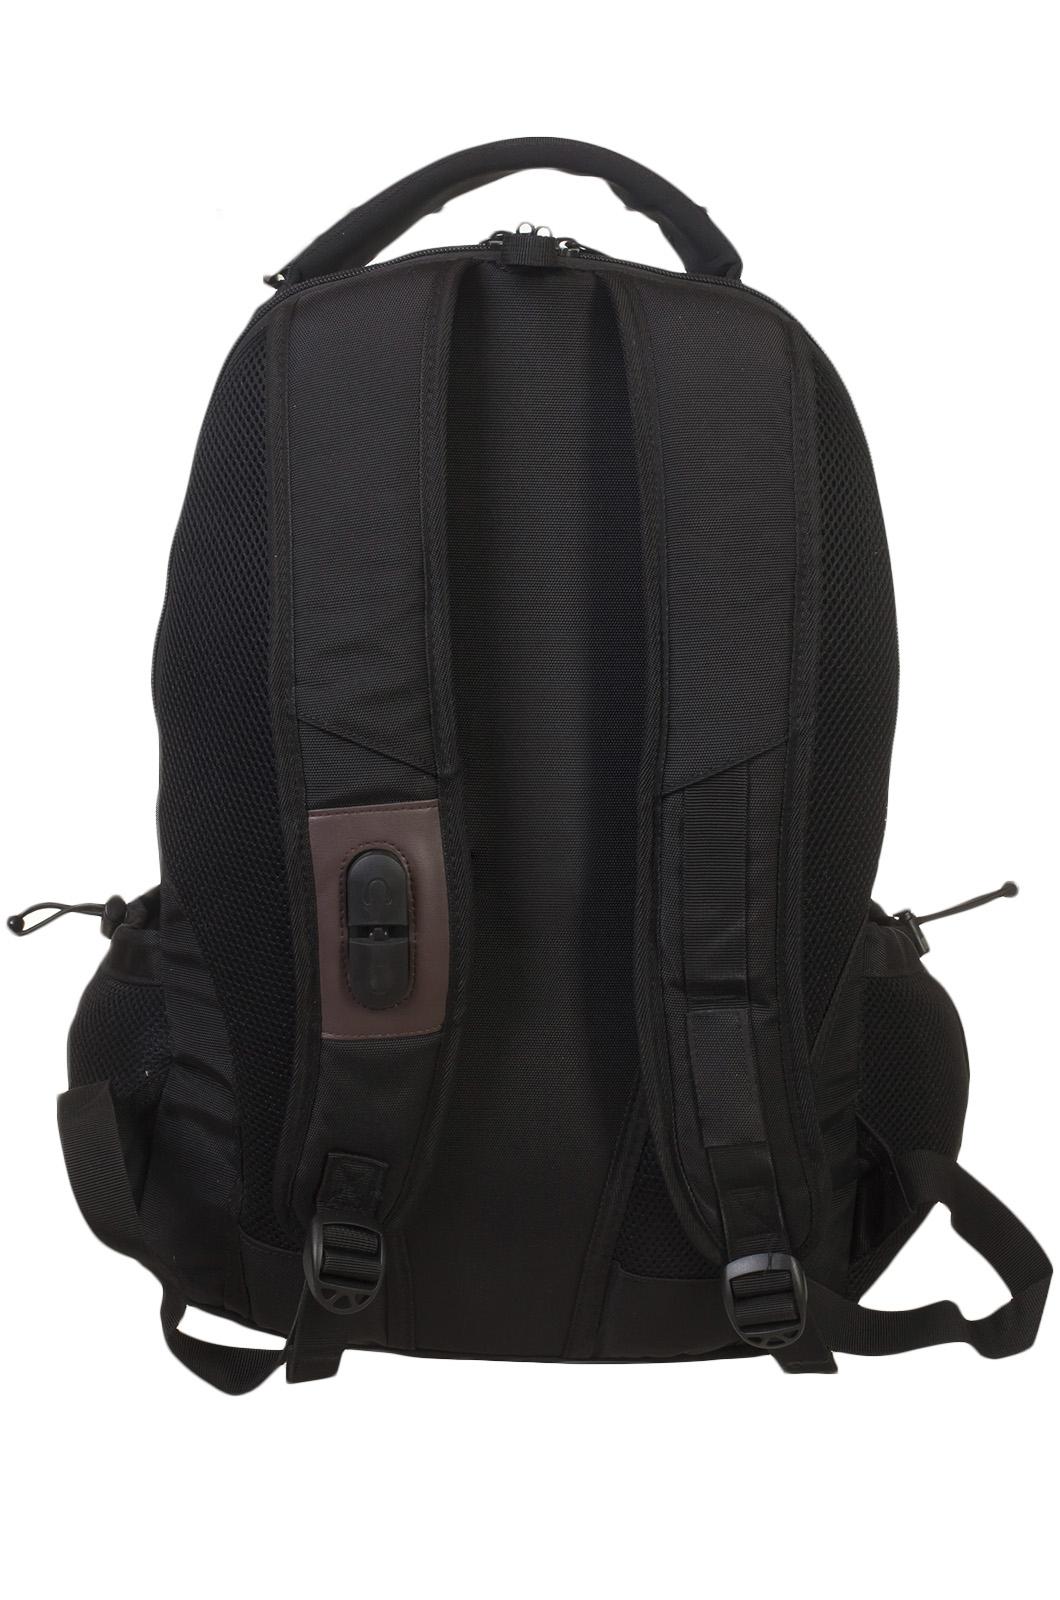 Черный крутой рюкзак с нашивкой Войсковая Разведка - заказать оптом